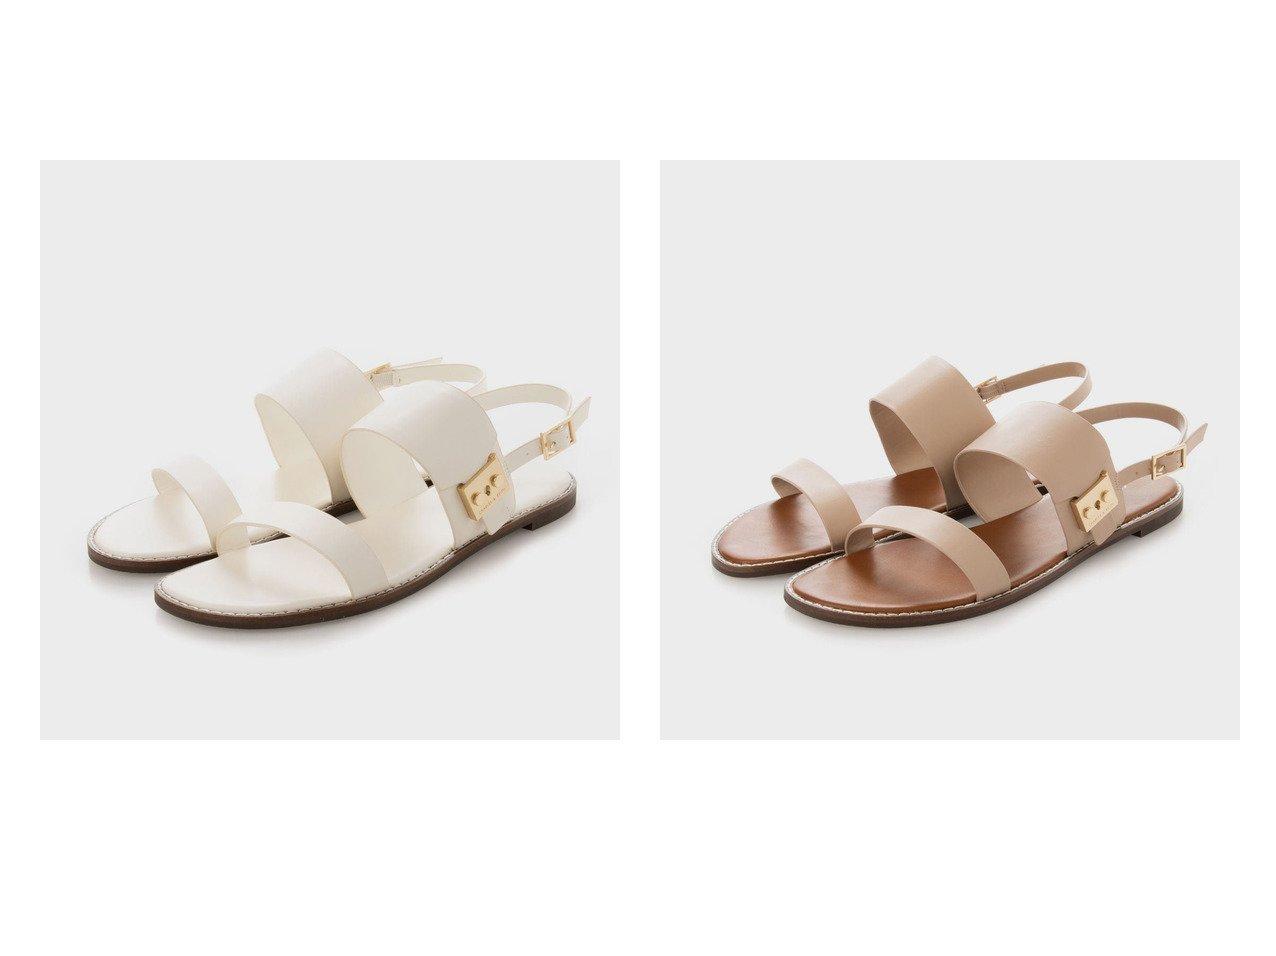 【CHARLES & KEITH/チャールズ アンド キース】の【2021 SUMMER 新作】メタリックバックル スリングバックサンダル Metallic Buckle Slingback Sandals 【シューズ・靴】おすすめ!人気、トレンド・レディースファッションの通販 おすすめで人気の流行・トレンド、ファッションの通販商品 インテリア・家具・メンズファッション・キッズファッション・レディースファッション・服の通販 founy(ファニー) https://founy.com/ ファッション Fashion レディースファッション WOMEN バッグ Bag 2021年 2021 2021春夏・S/S SS/Spring/Summer/2021 S/S・春夏 SS・Spring/Summer 夏 Summer 春 Spring |ID:crp329100000049424